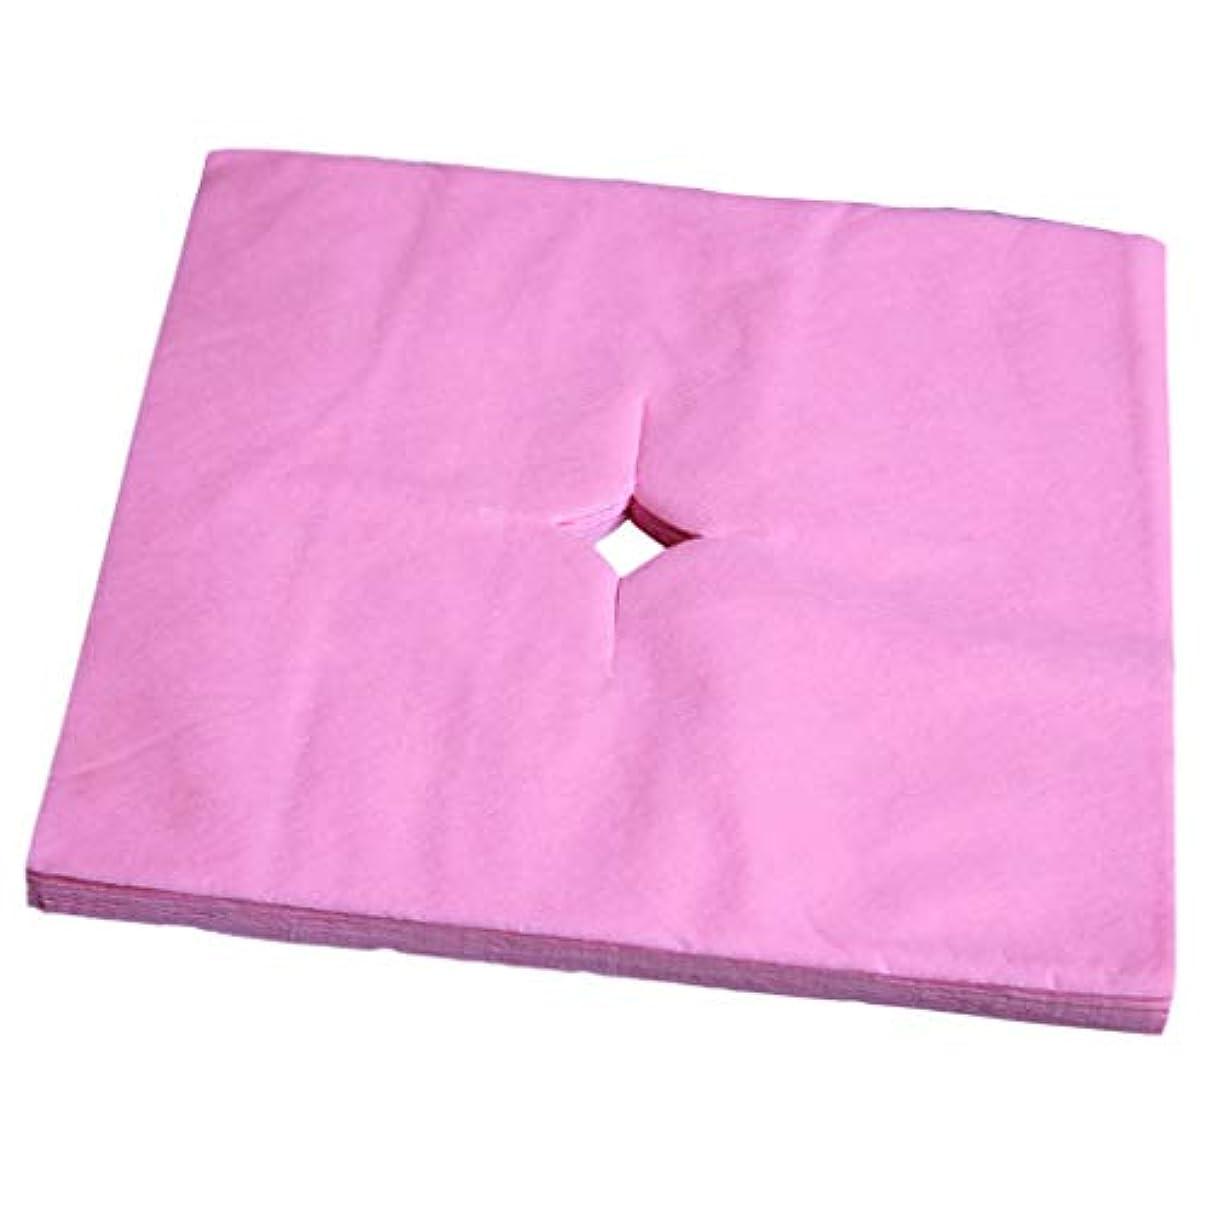 熟読保証オークランドP Prettyia フェイスクレードルカバー 使い捨て 寝具カバー 不織布 柔らかい 便利 衛生的 全3色 - ピンク